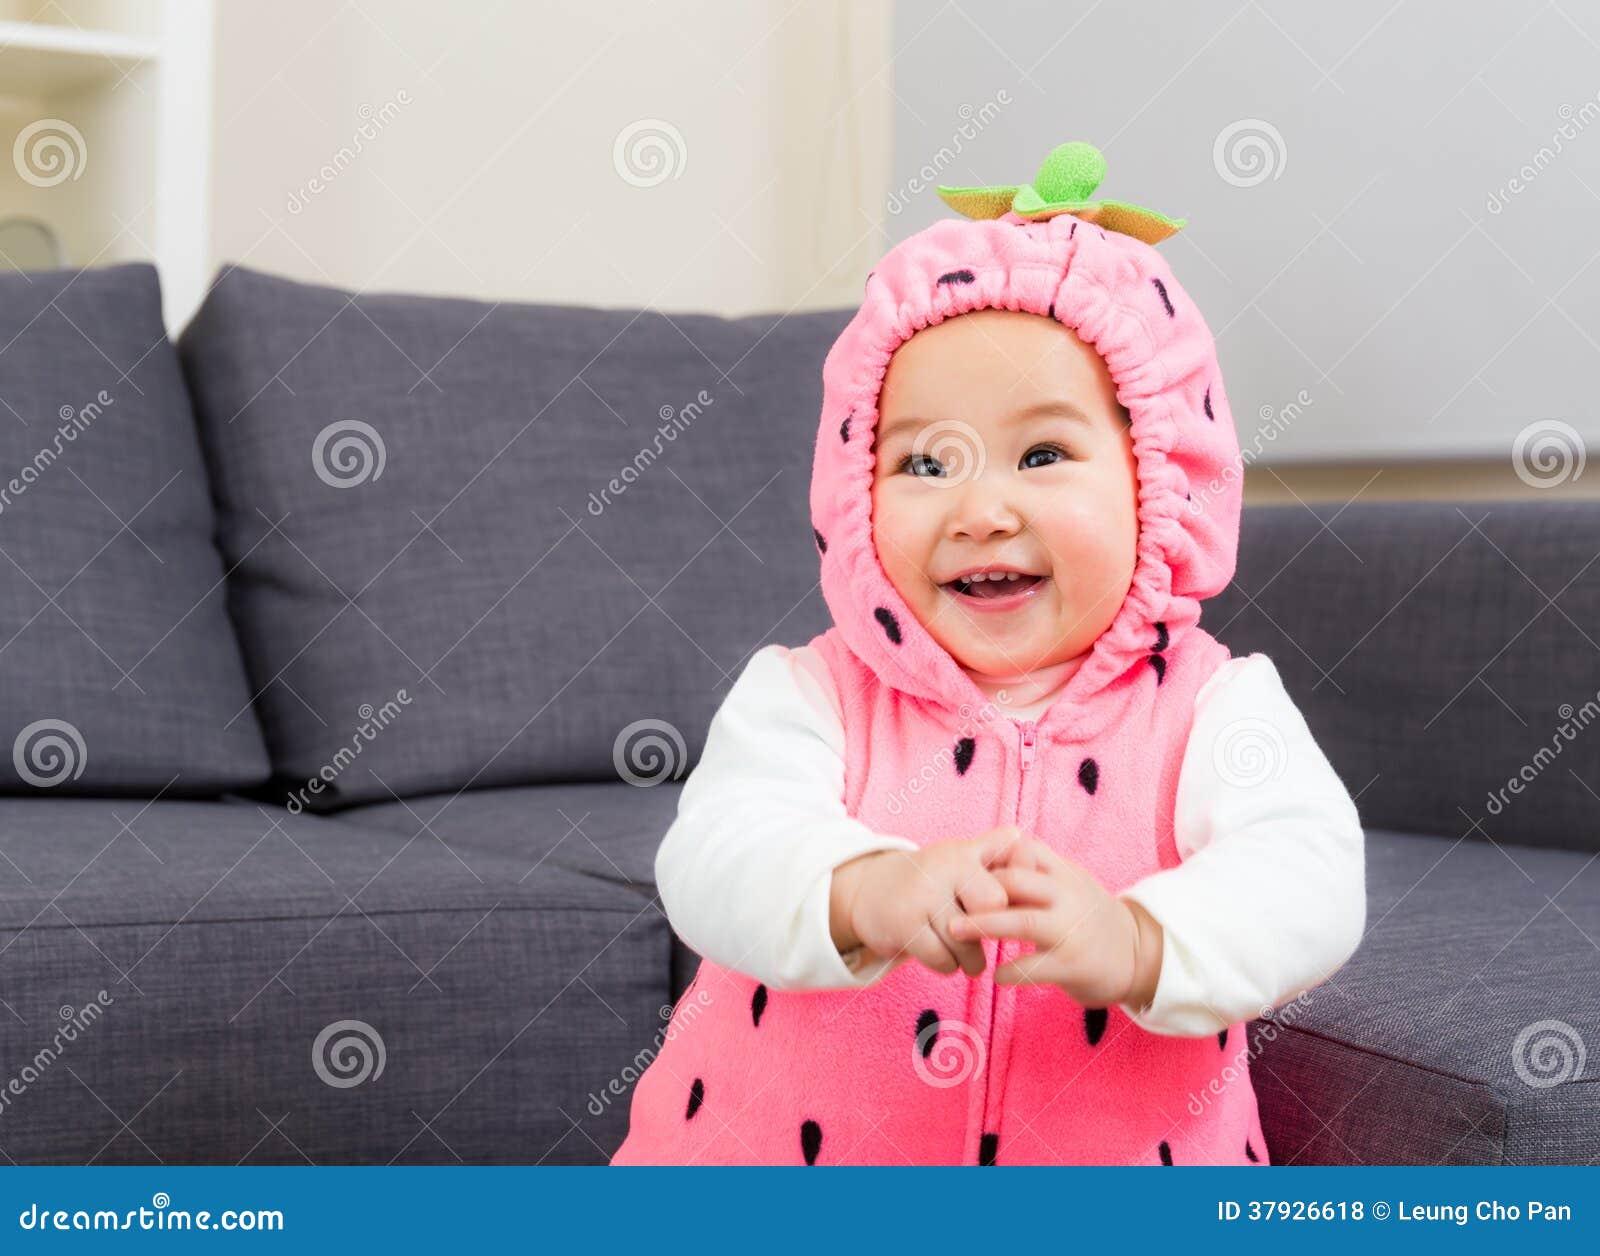 Младенец с костюмом клубники